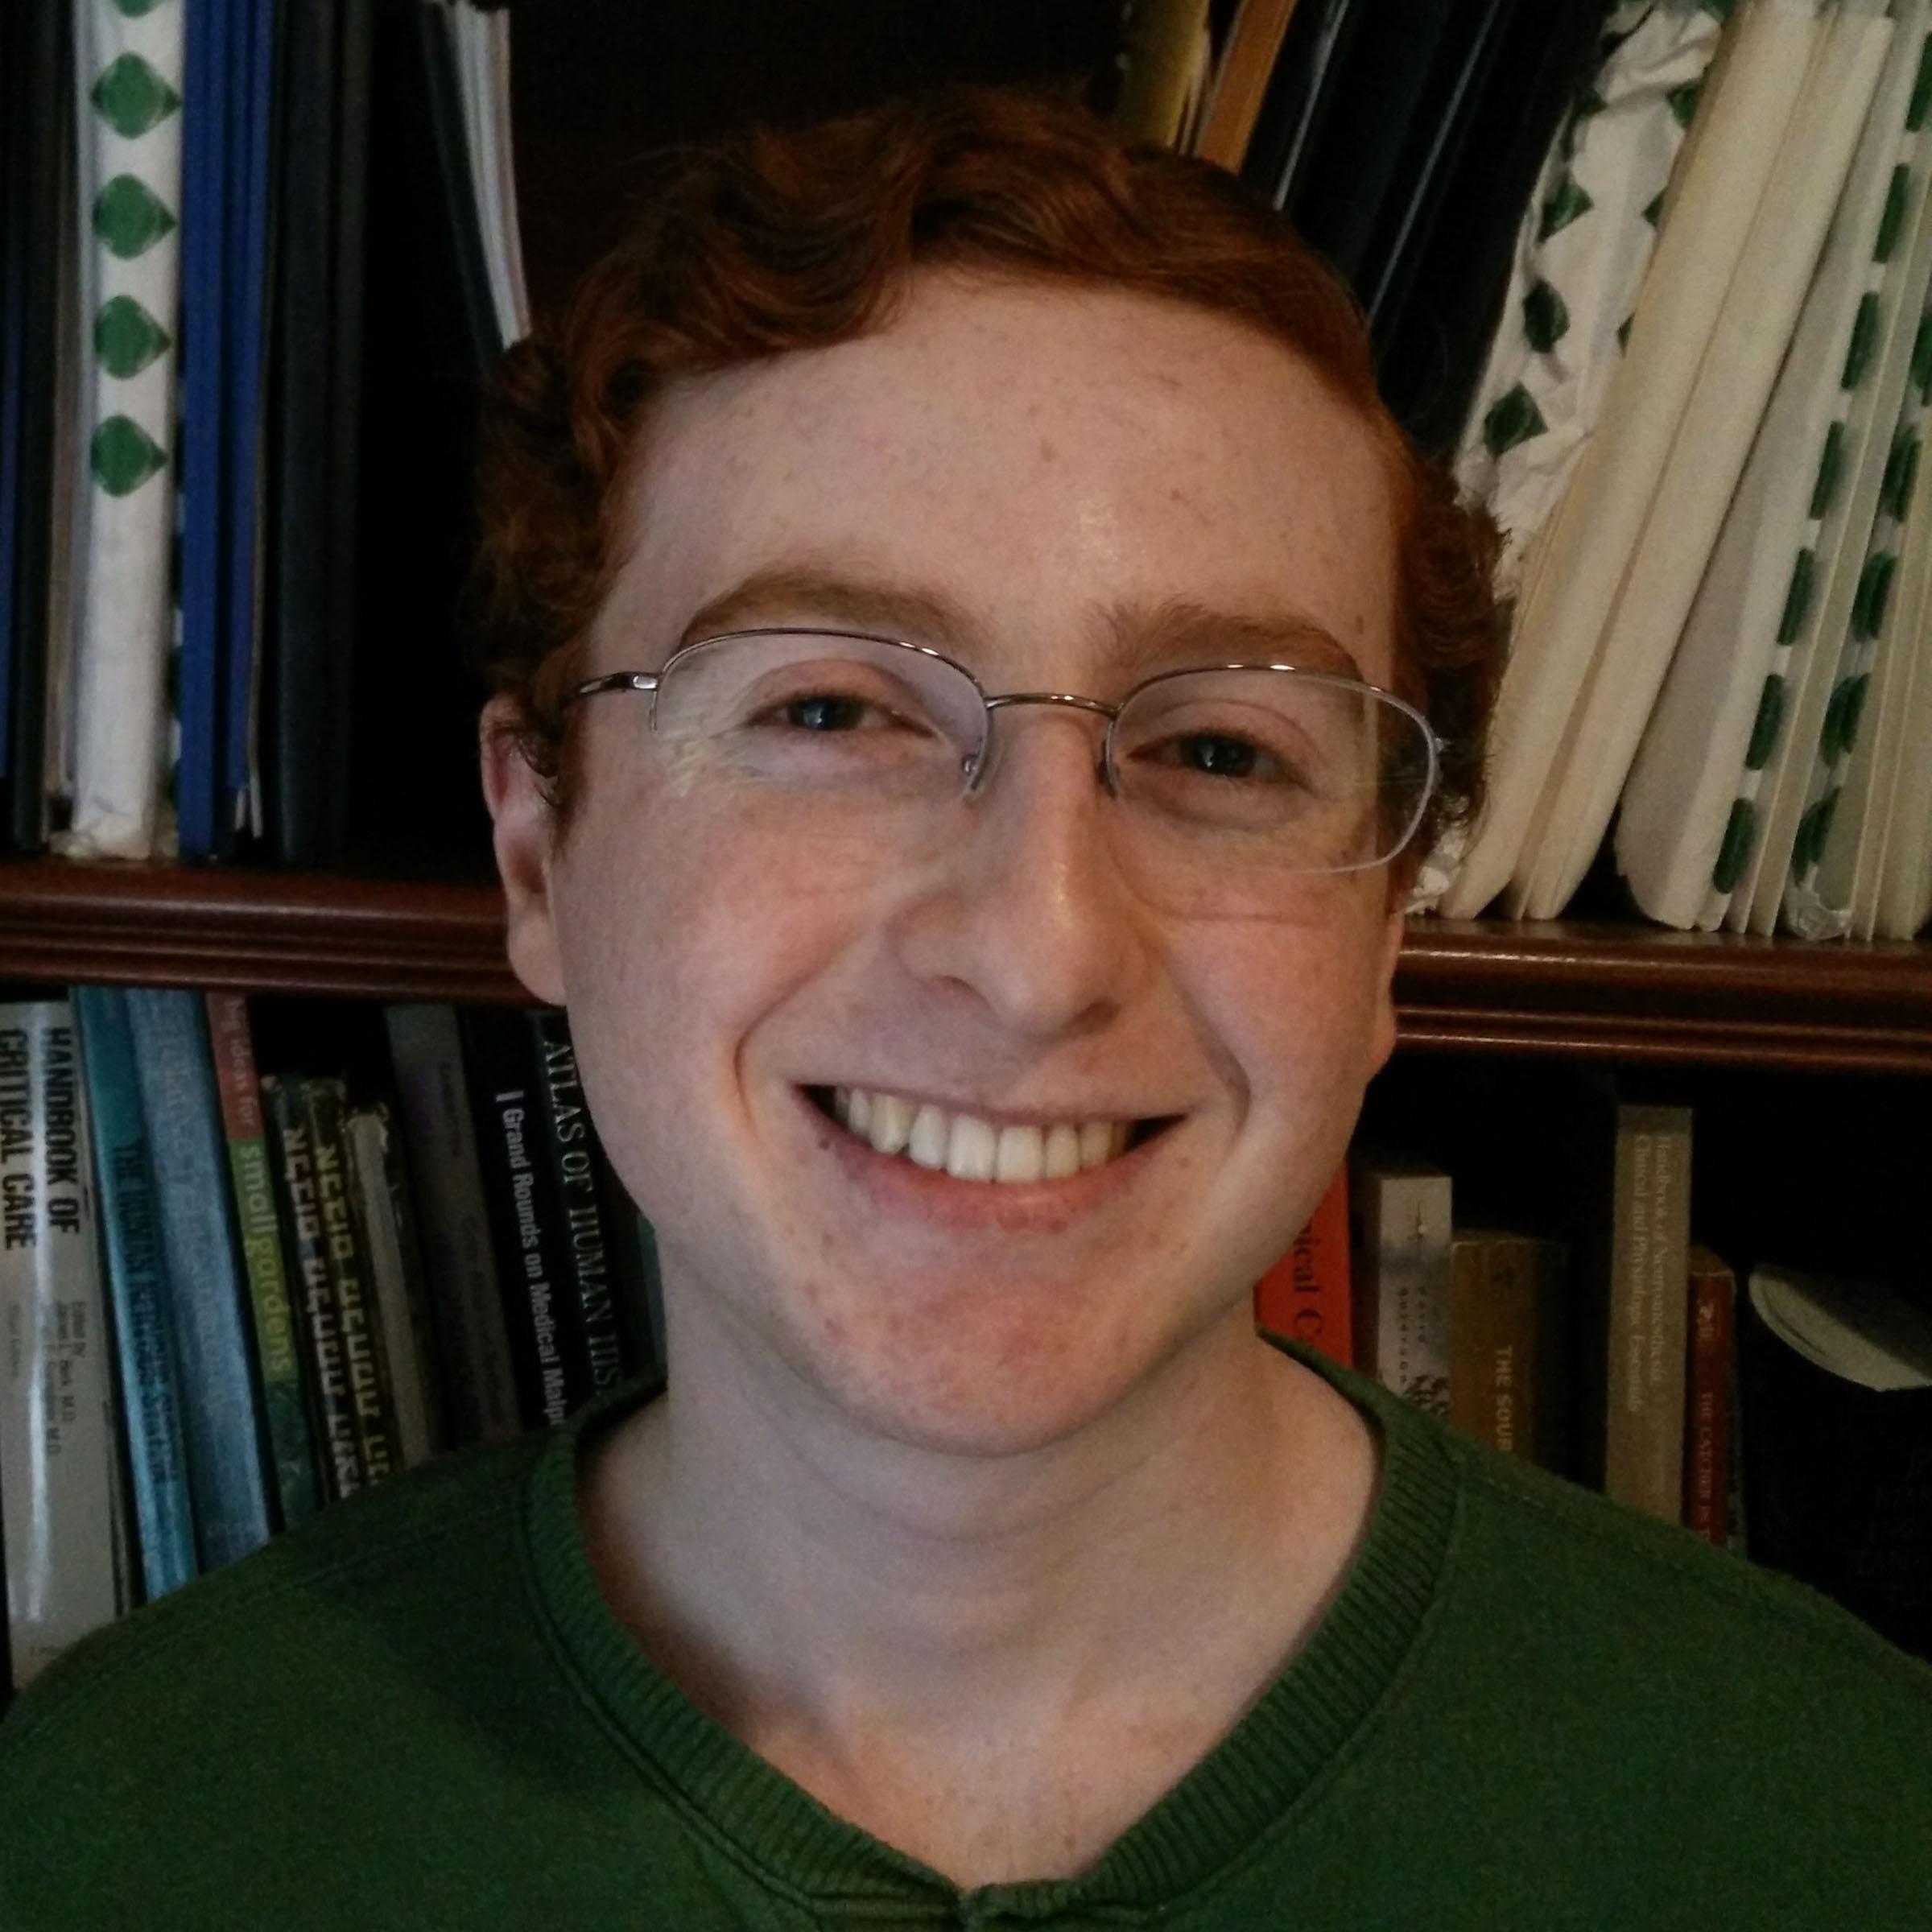 David Baum